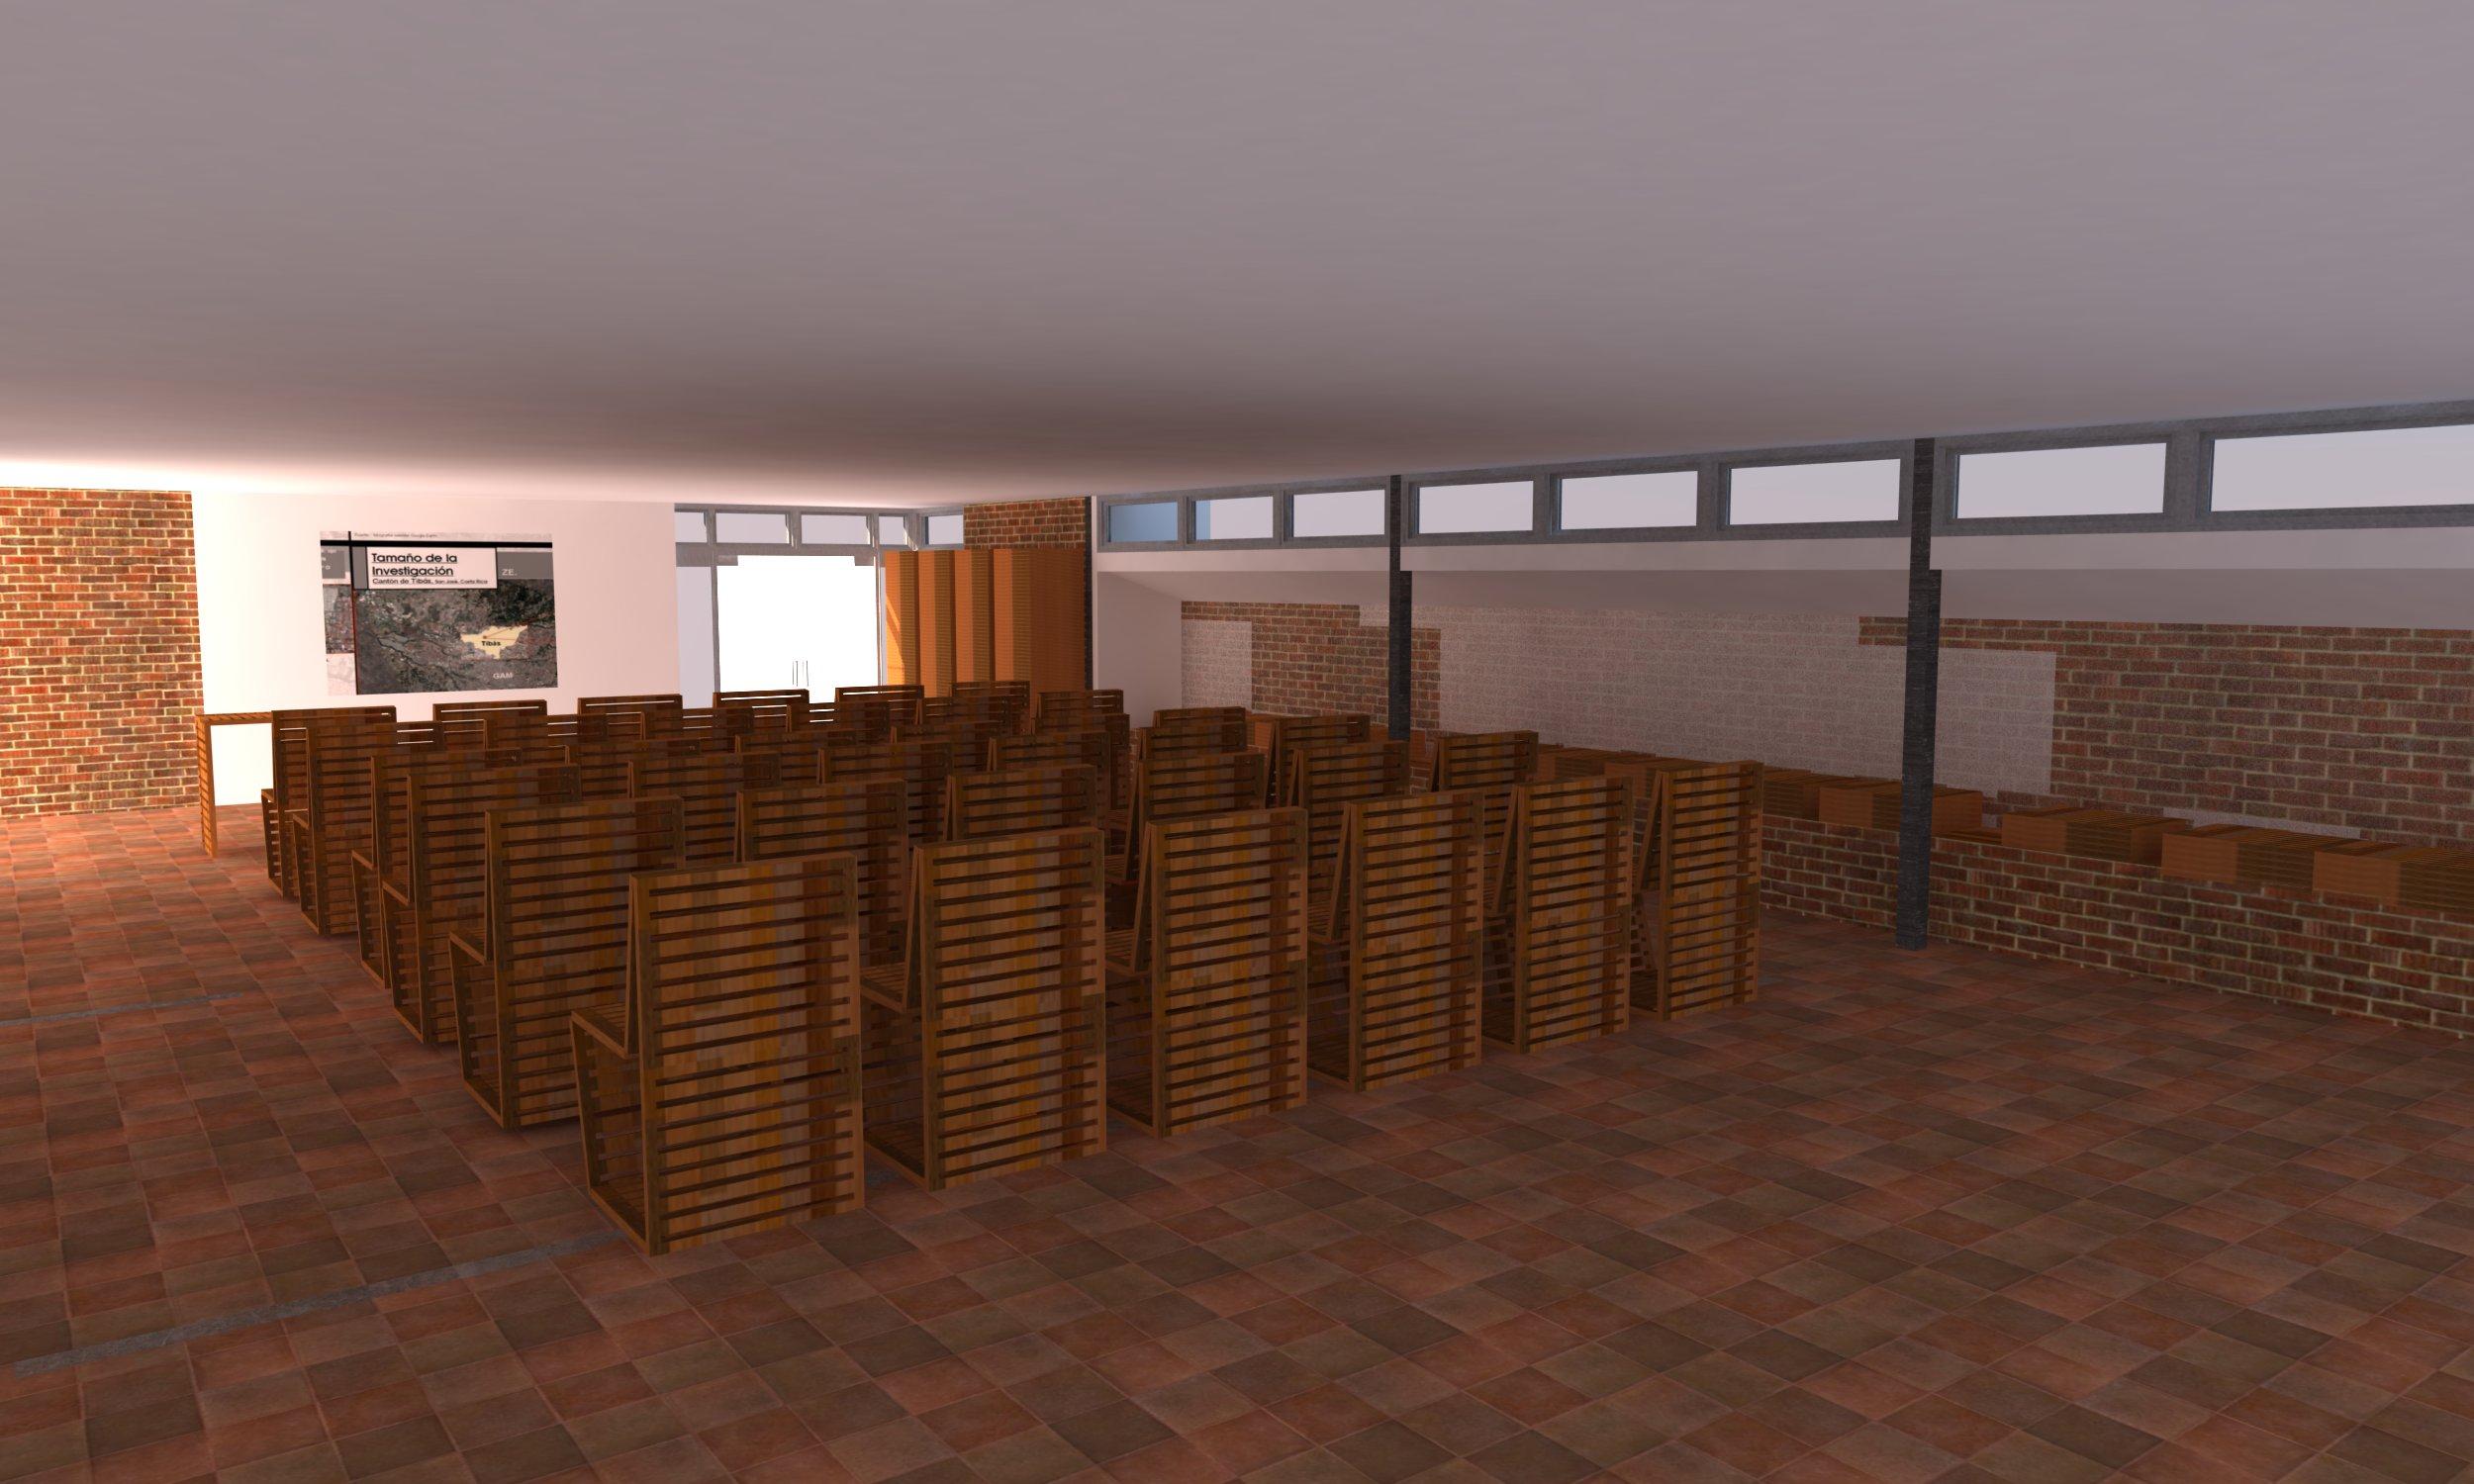 Arquitectura interior alumnos olivo peralta suppo for Interior 1 arquitectura